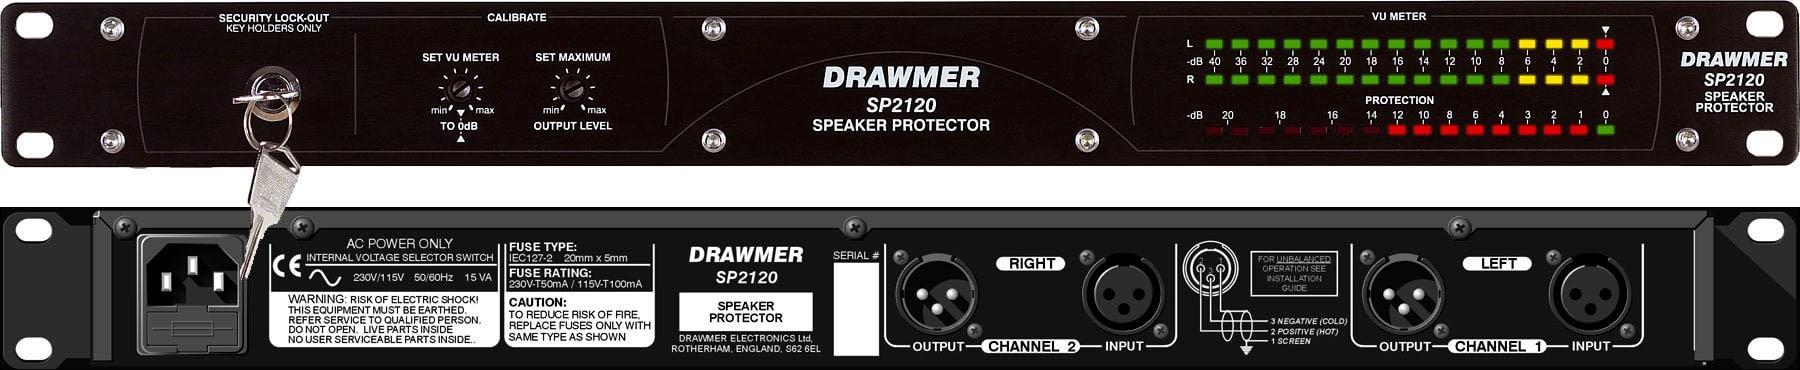 Drawmer Prijslijst | XLR